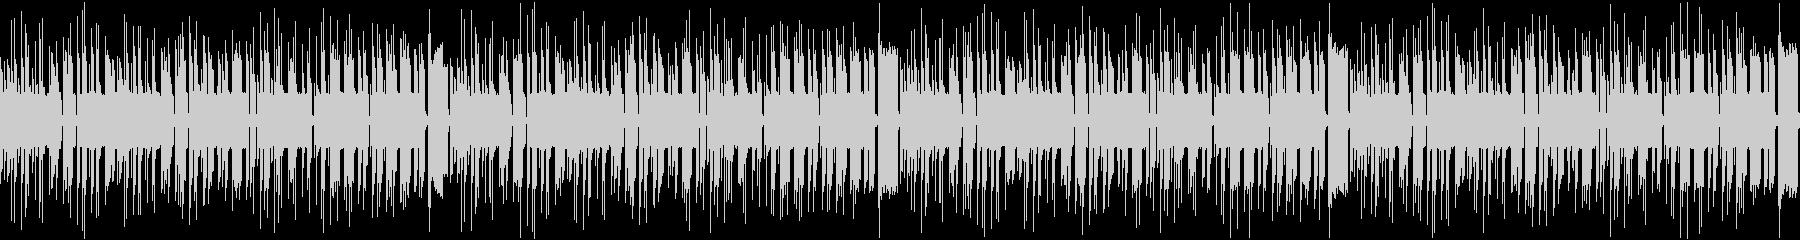 洞窟・草原RPG用チップチューンループの未再生の波形